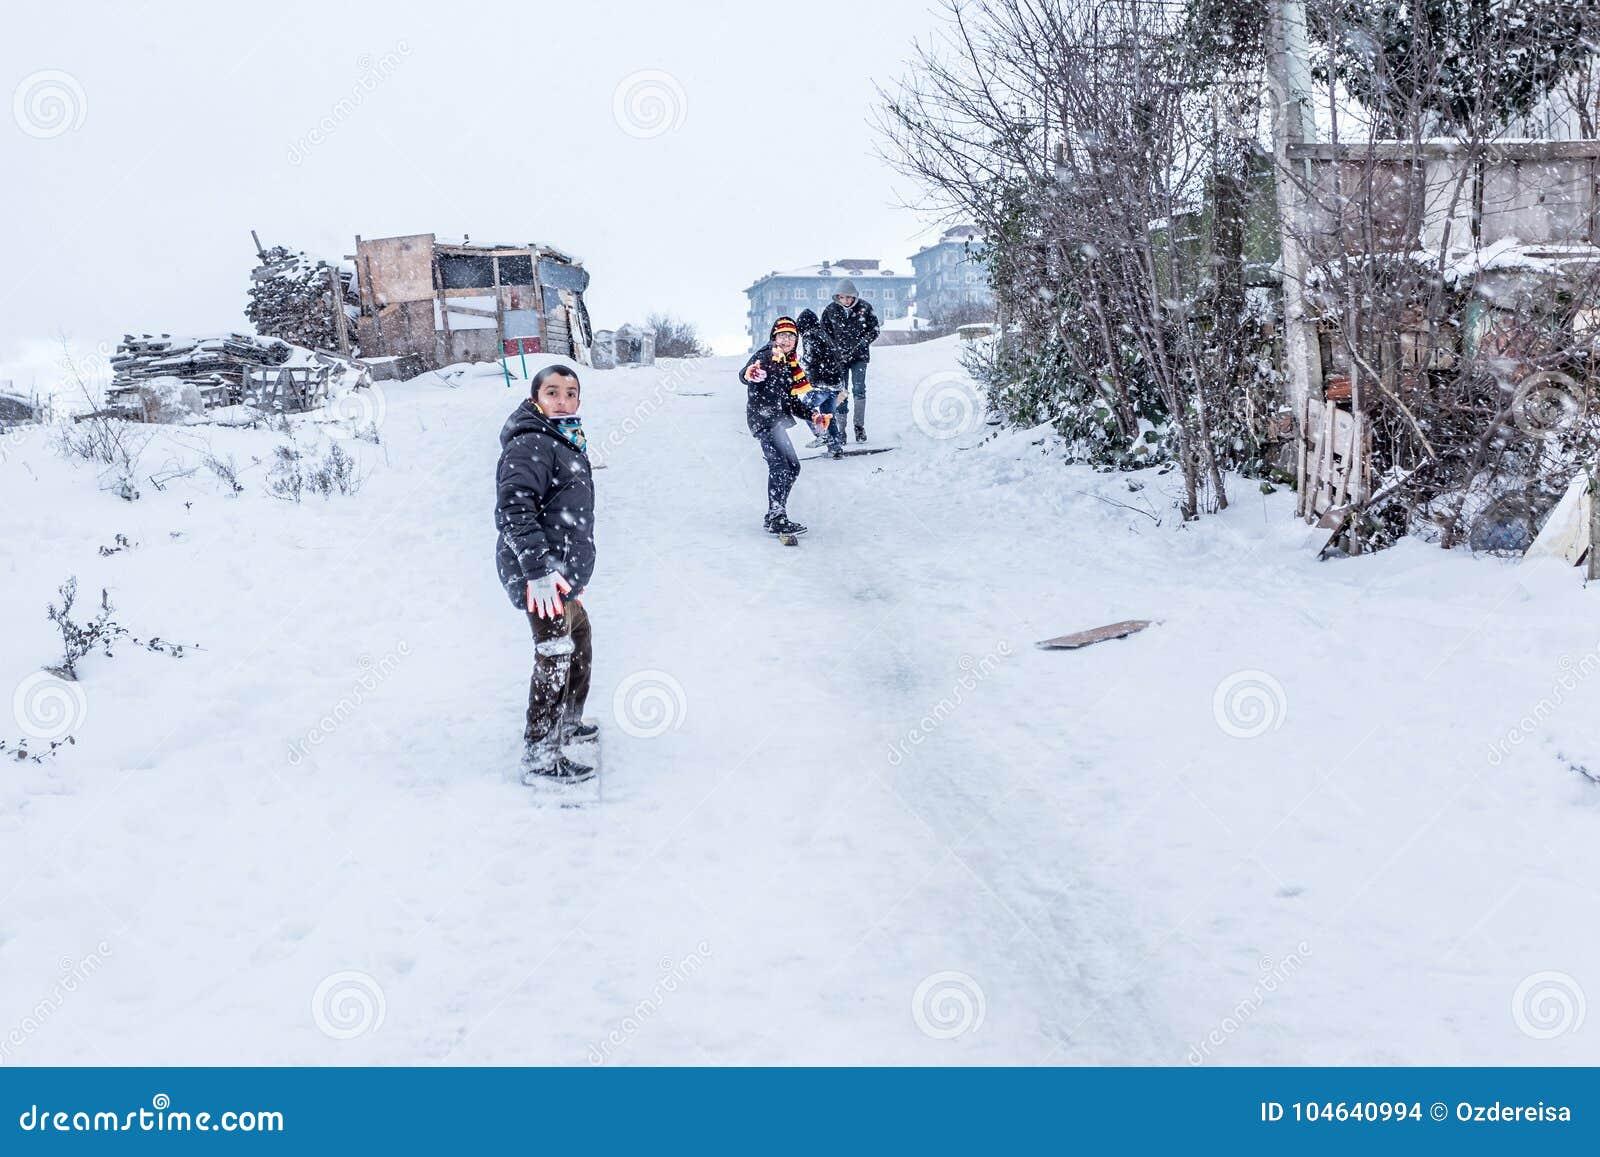 Download De Kinderen Glijden Op Sneeuw In Oude Schoolstijl Met Hardhout Redactionele Stock Afbeelding - Afbeelding bestaande uit weinig, geluk: 104640994